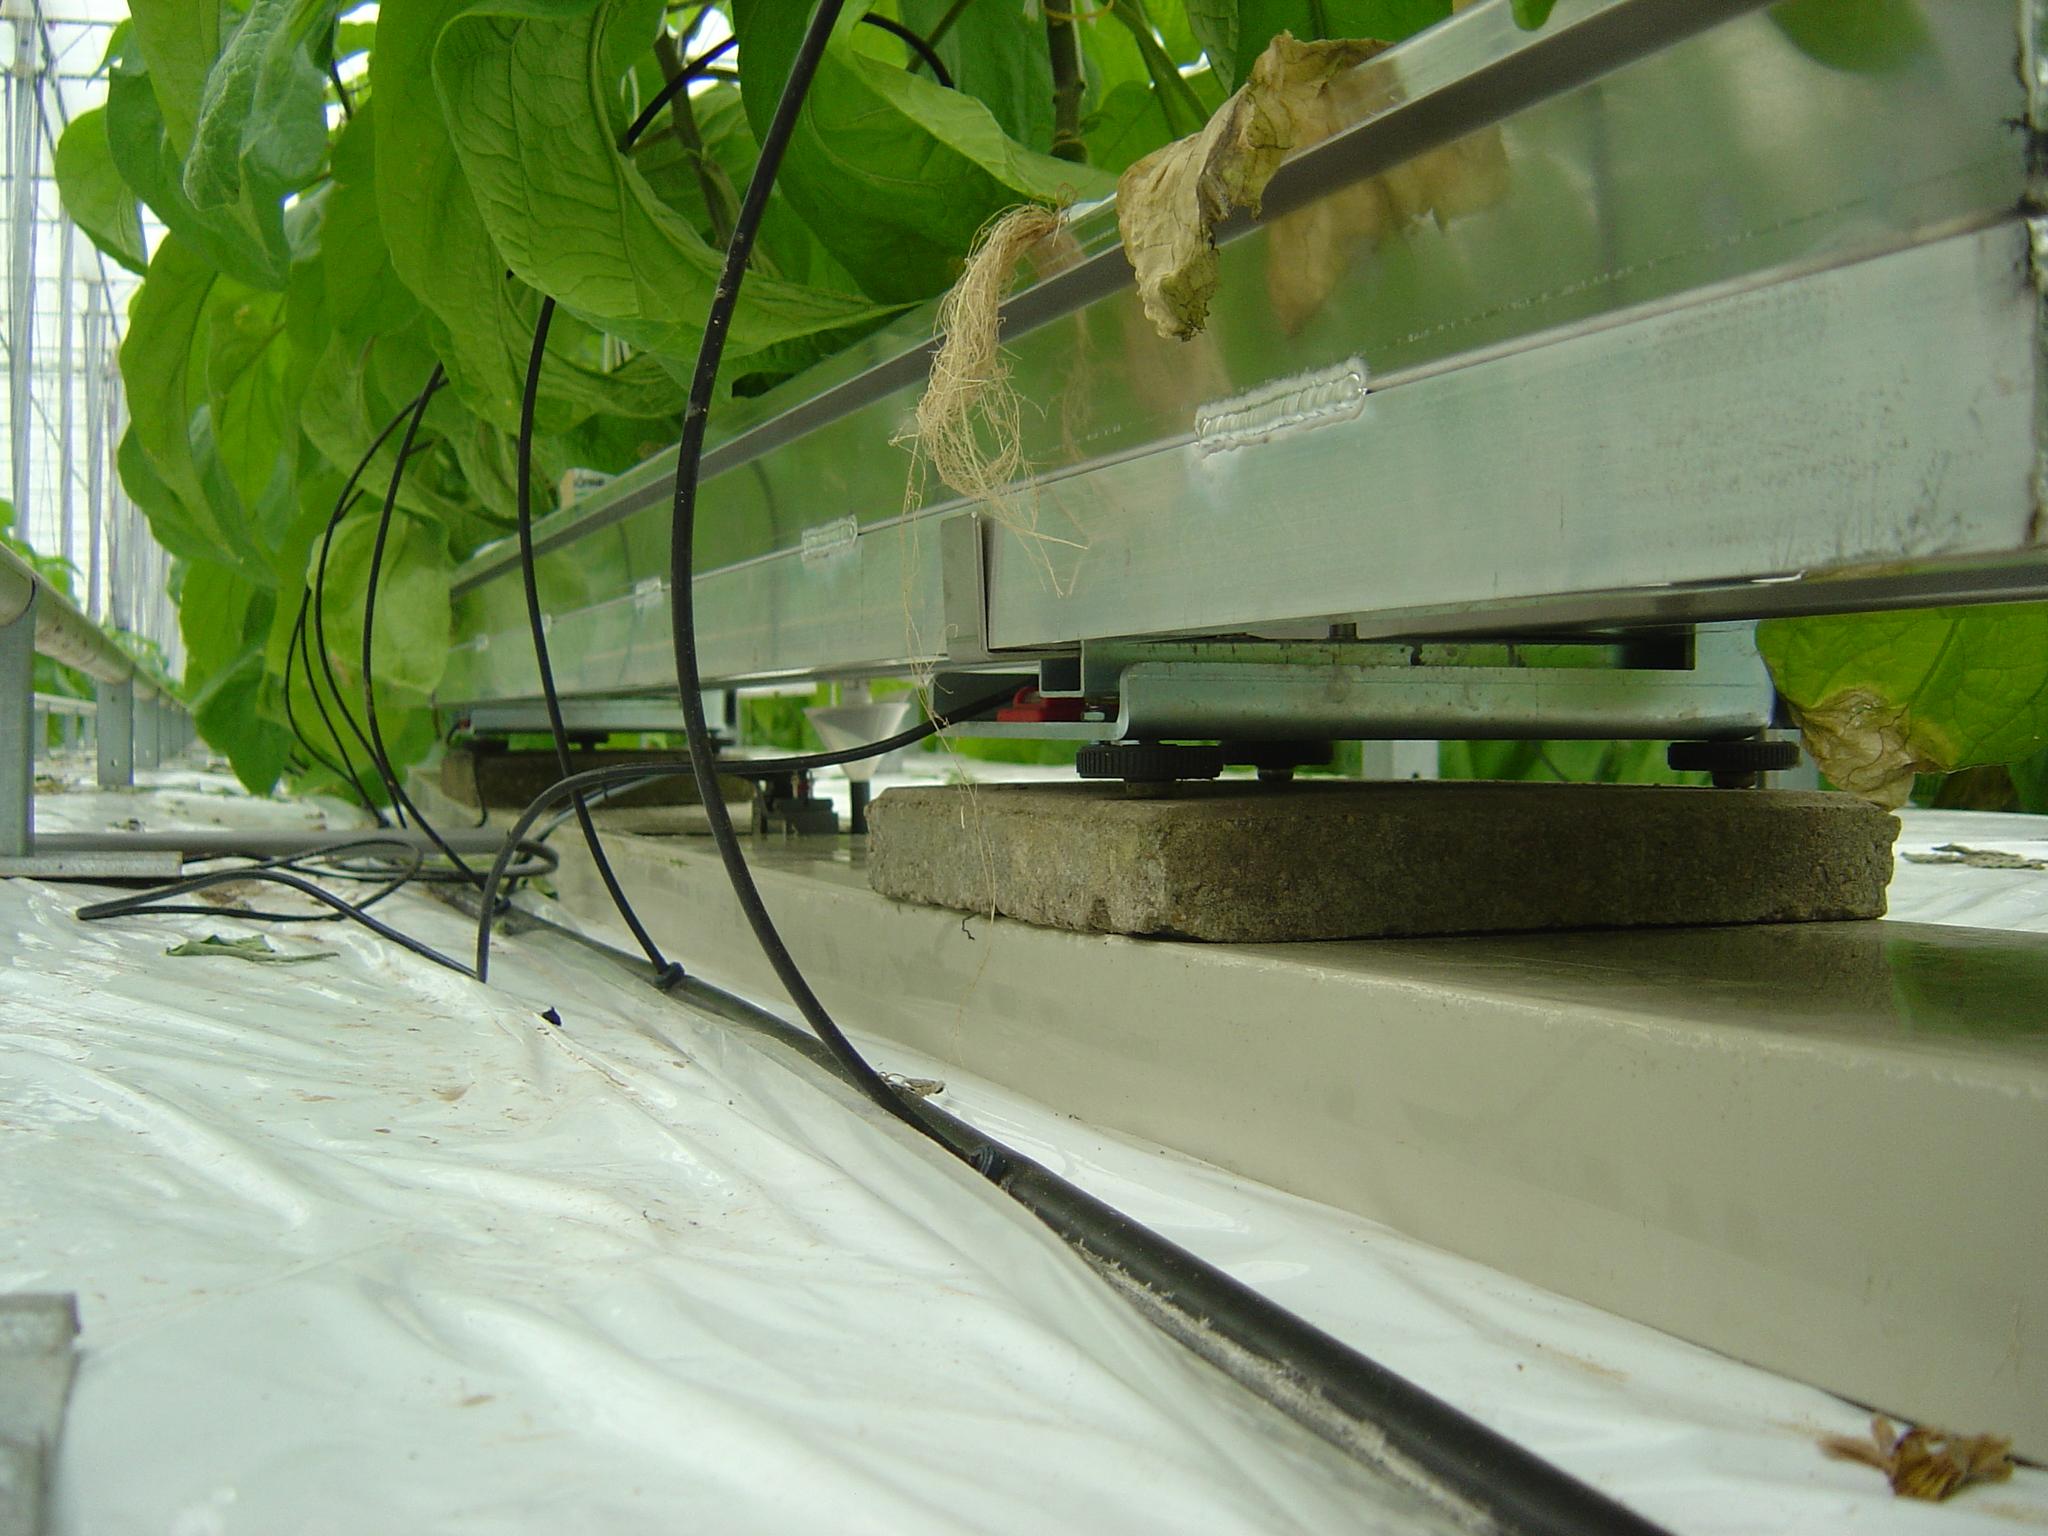 PRIVA Root Optimizer - Zawsze poszukujesz sposobów, dzięki którym możesz się jeszcze bardziej rozwijać. Inteligentna uprawa jest możliwa tylko wtedy, gdy sama roślina może wpływać na podlewanie, ponieważ im precyzyjniejsze podlewanie, tym zdrowszy system korzeniowy; następnie produkcja wzrasta w wyniku lepszego wchłaniania składników odżywczych przez system korzeniowy.